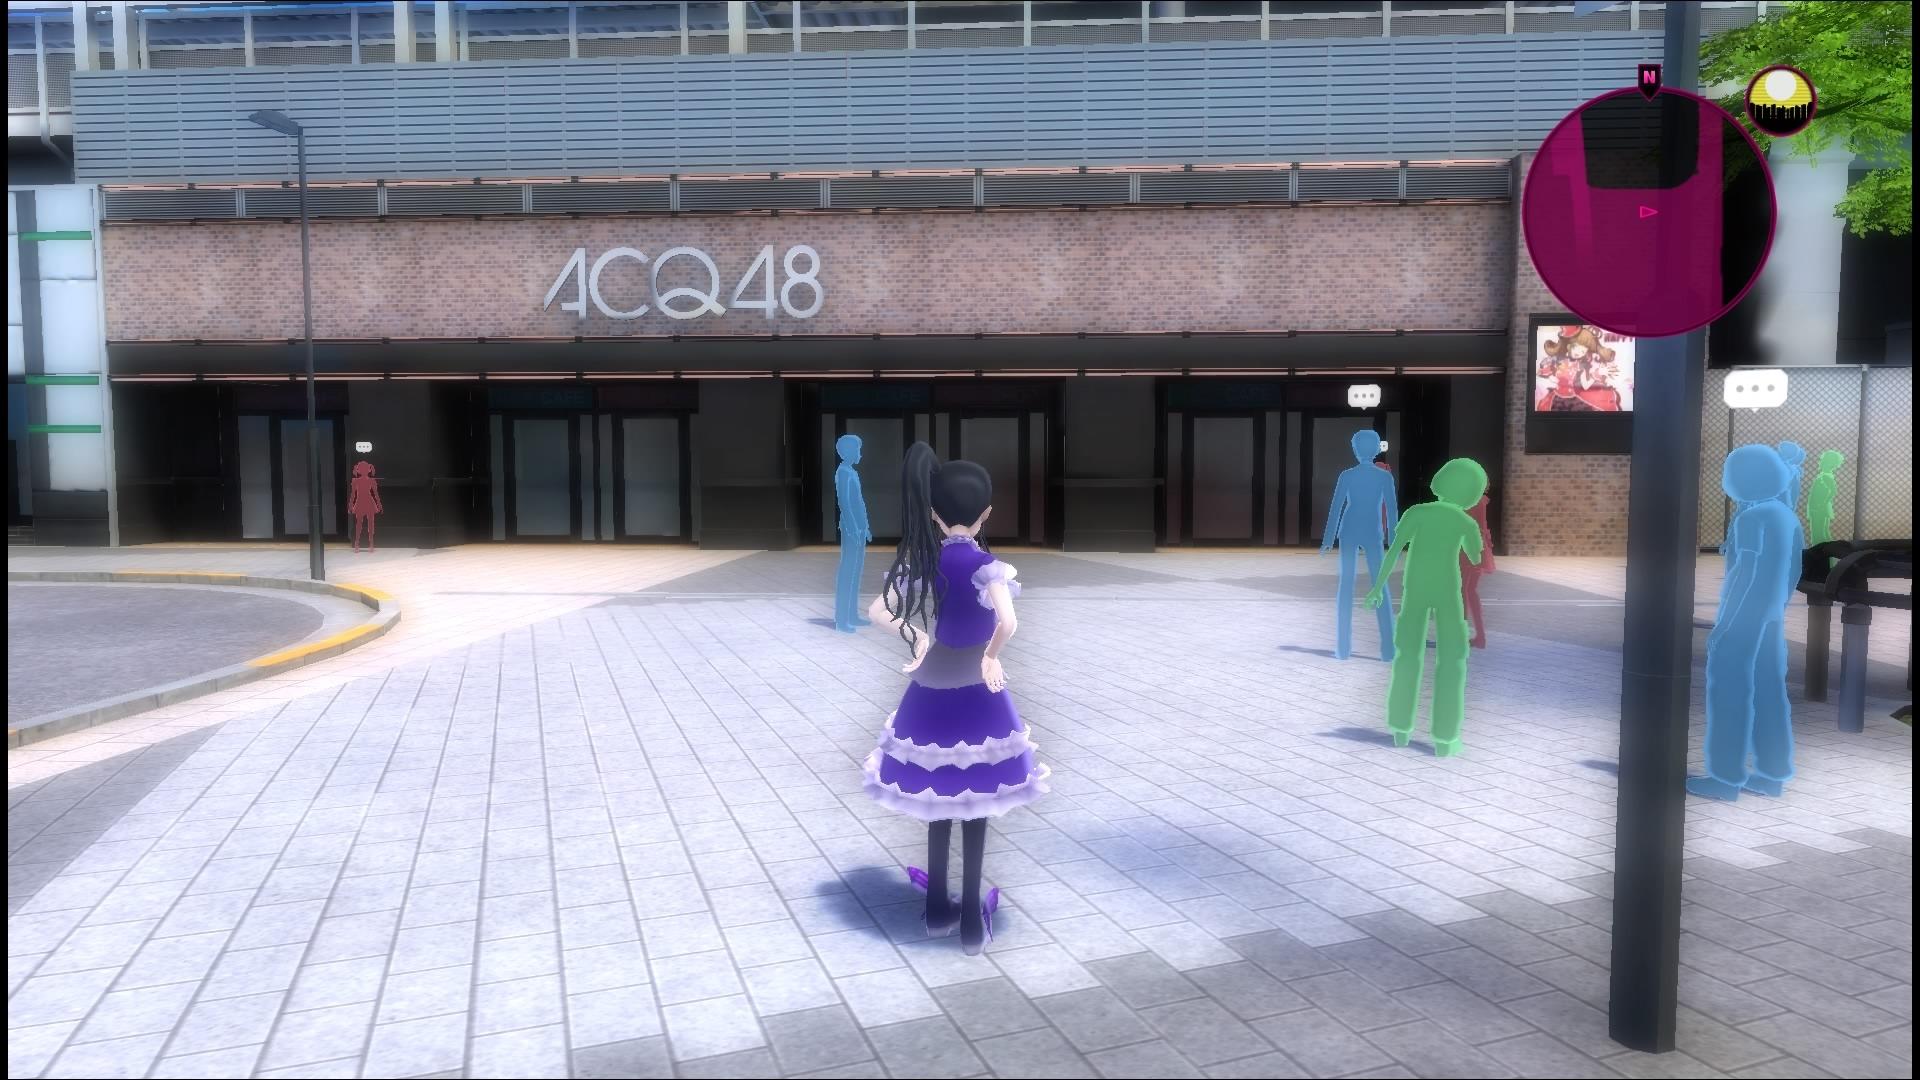 Clin d'oeil au groupe d'idols AKB48 qui a ses quartiers à Akihabara